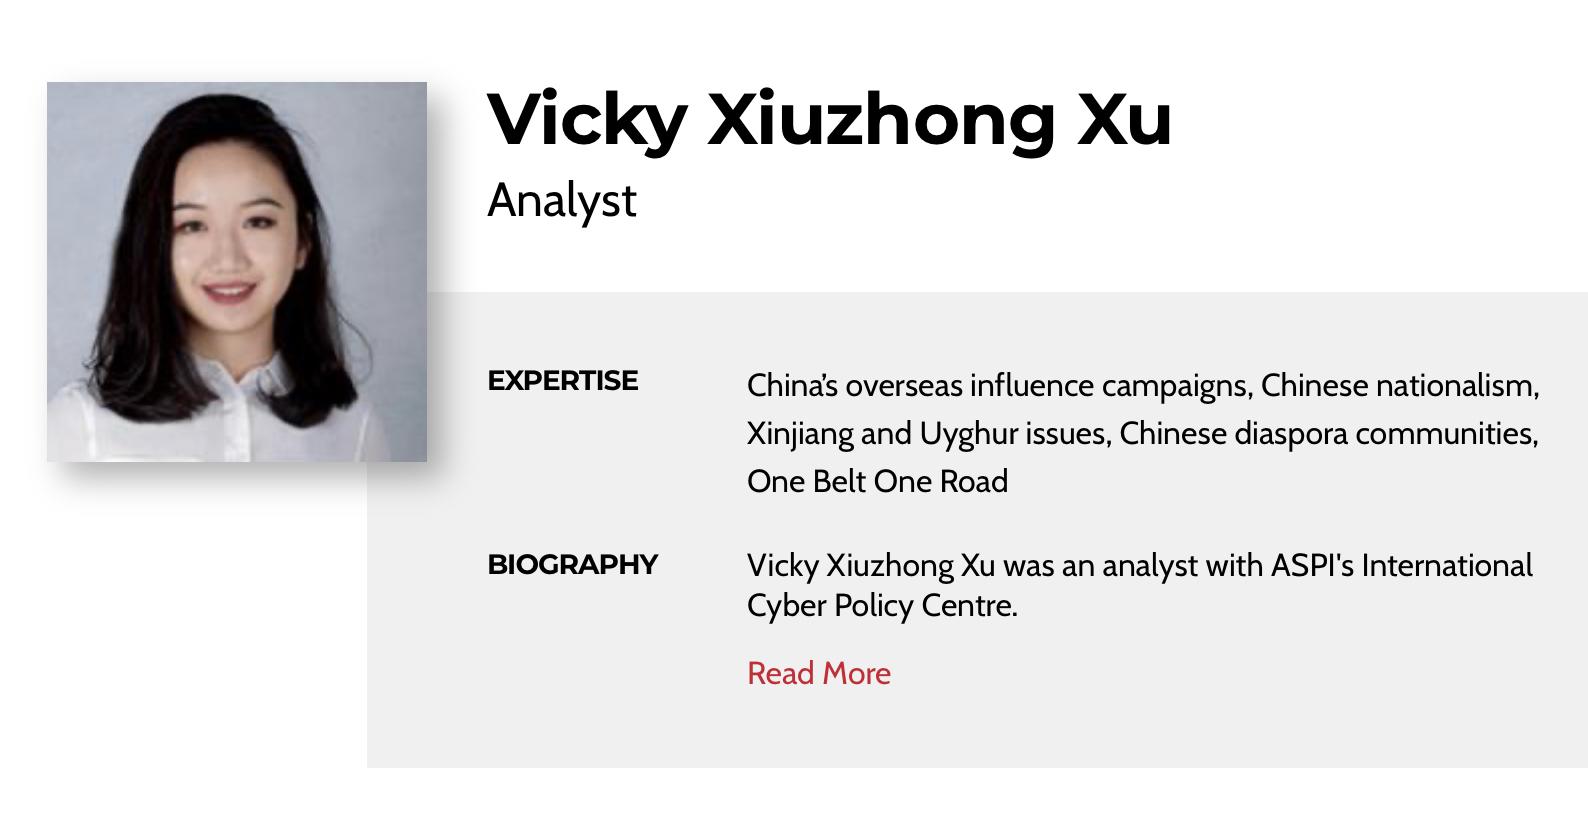 澳籍華裔女子許秀中,近日又成了中共五毛在抵制西方品牌退燒後的另一個攻擊目標。(澳洲戰略政策研究所[ASPI]官網)